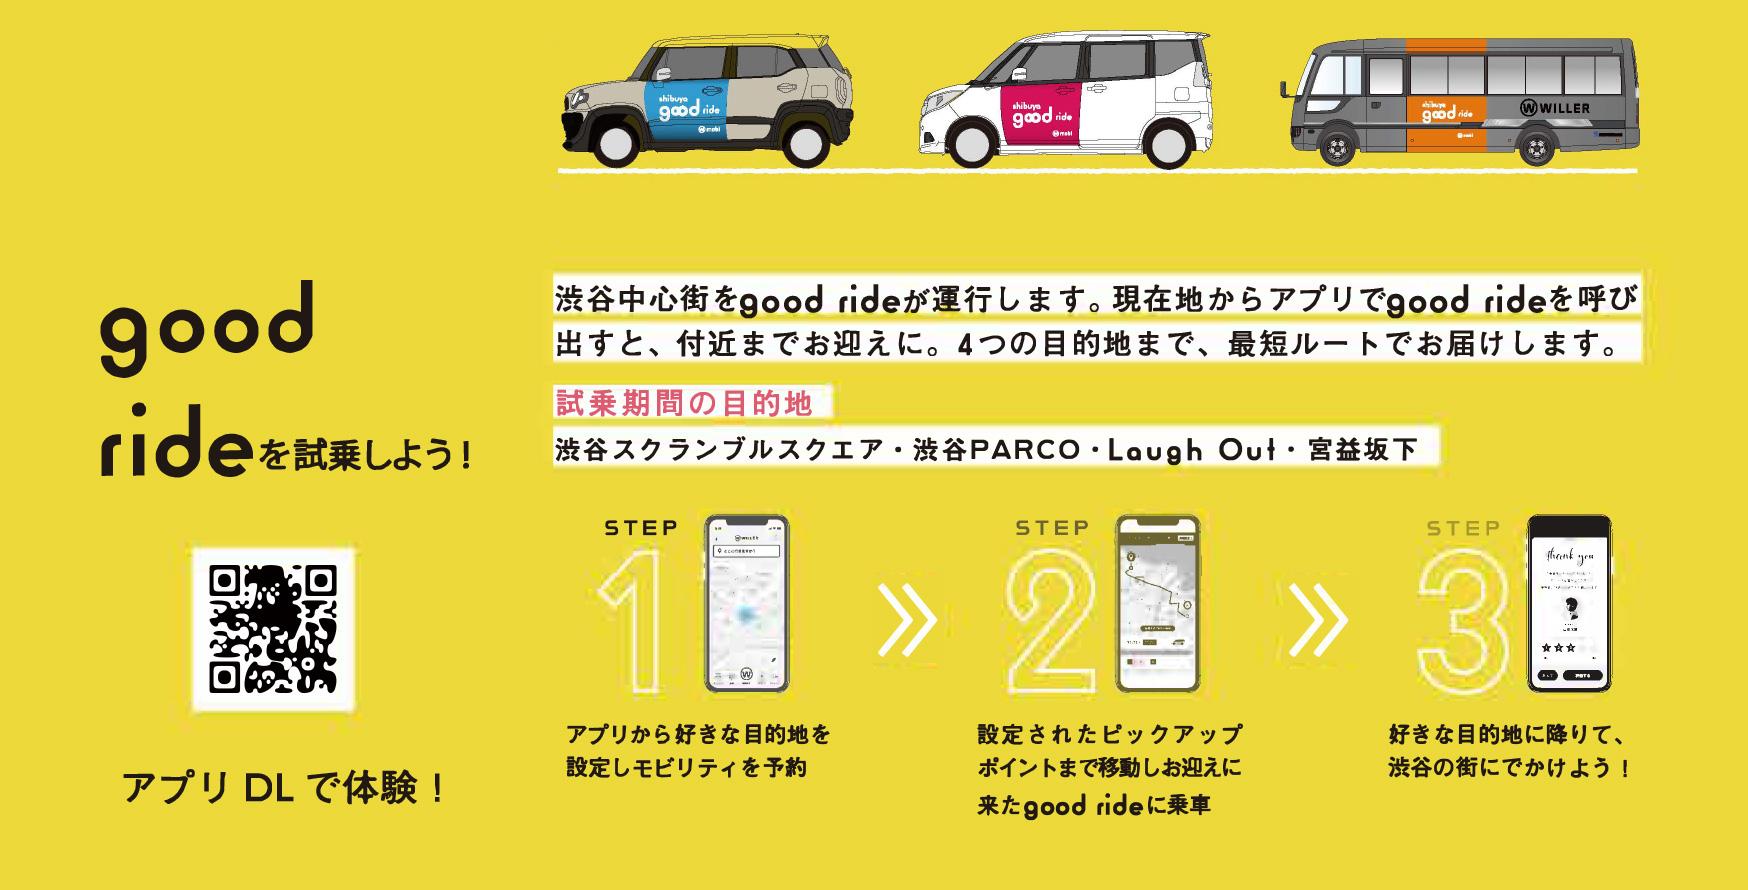 201109_shibuyaflyerアウトライン-1 shibuya good ride